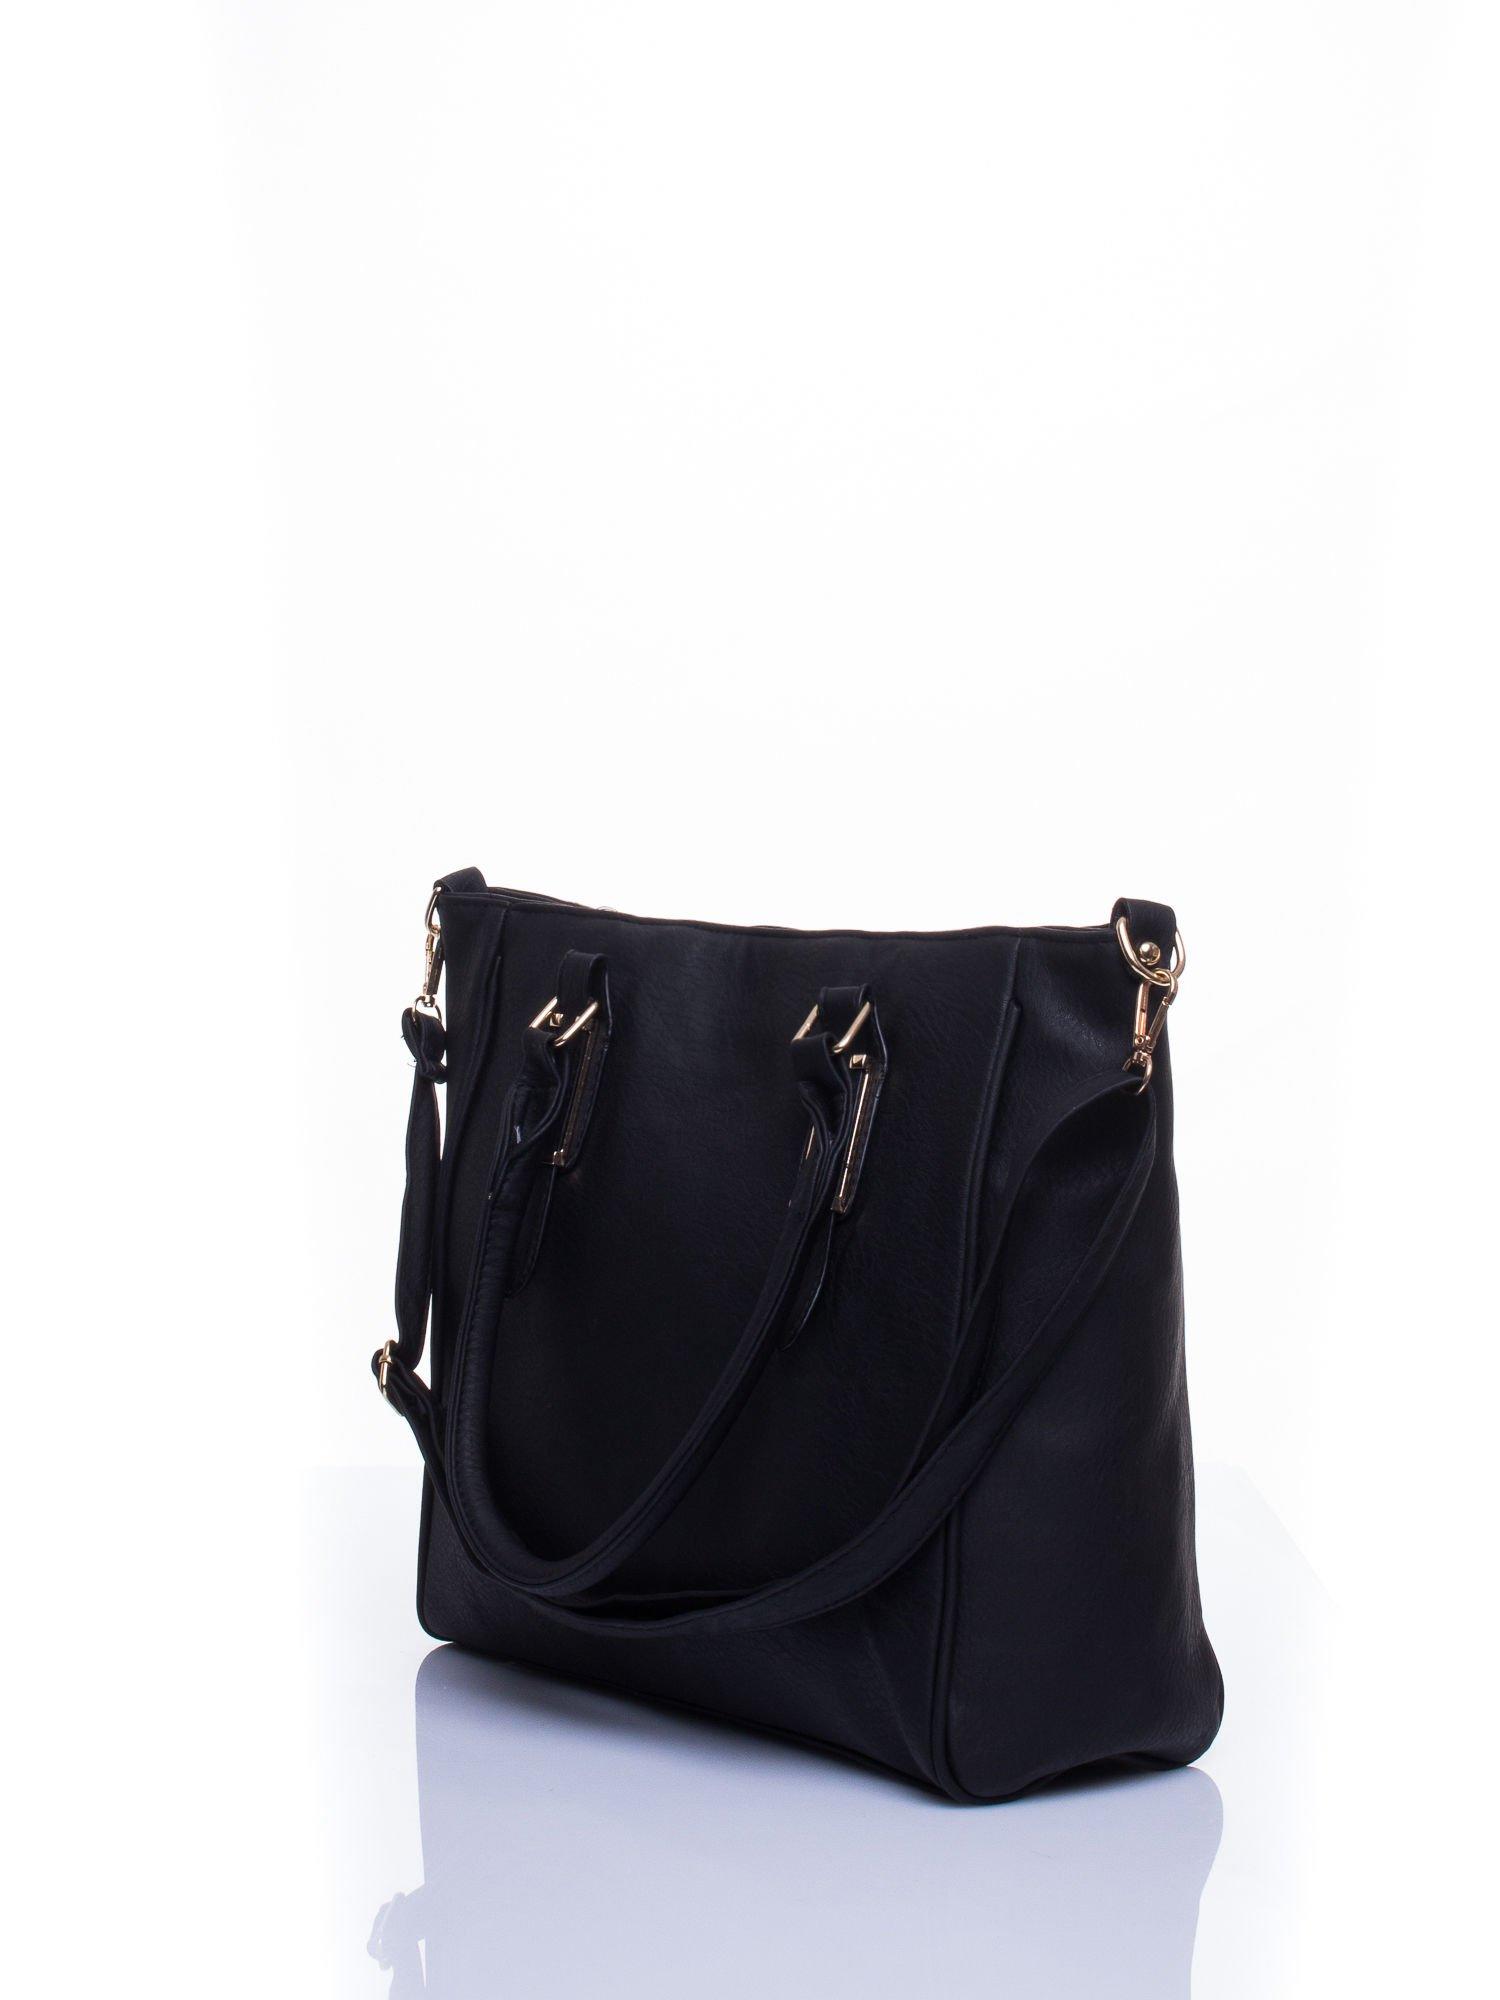 Czarna miejska torba z ozdobnymi klamrami                                  zdj.                                  3